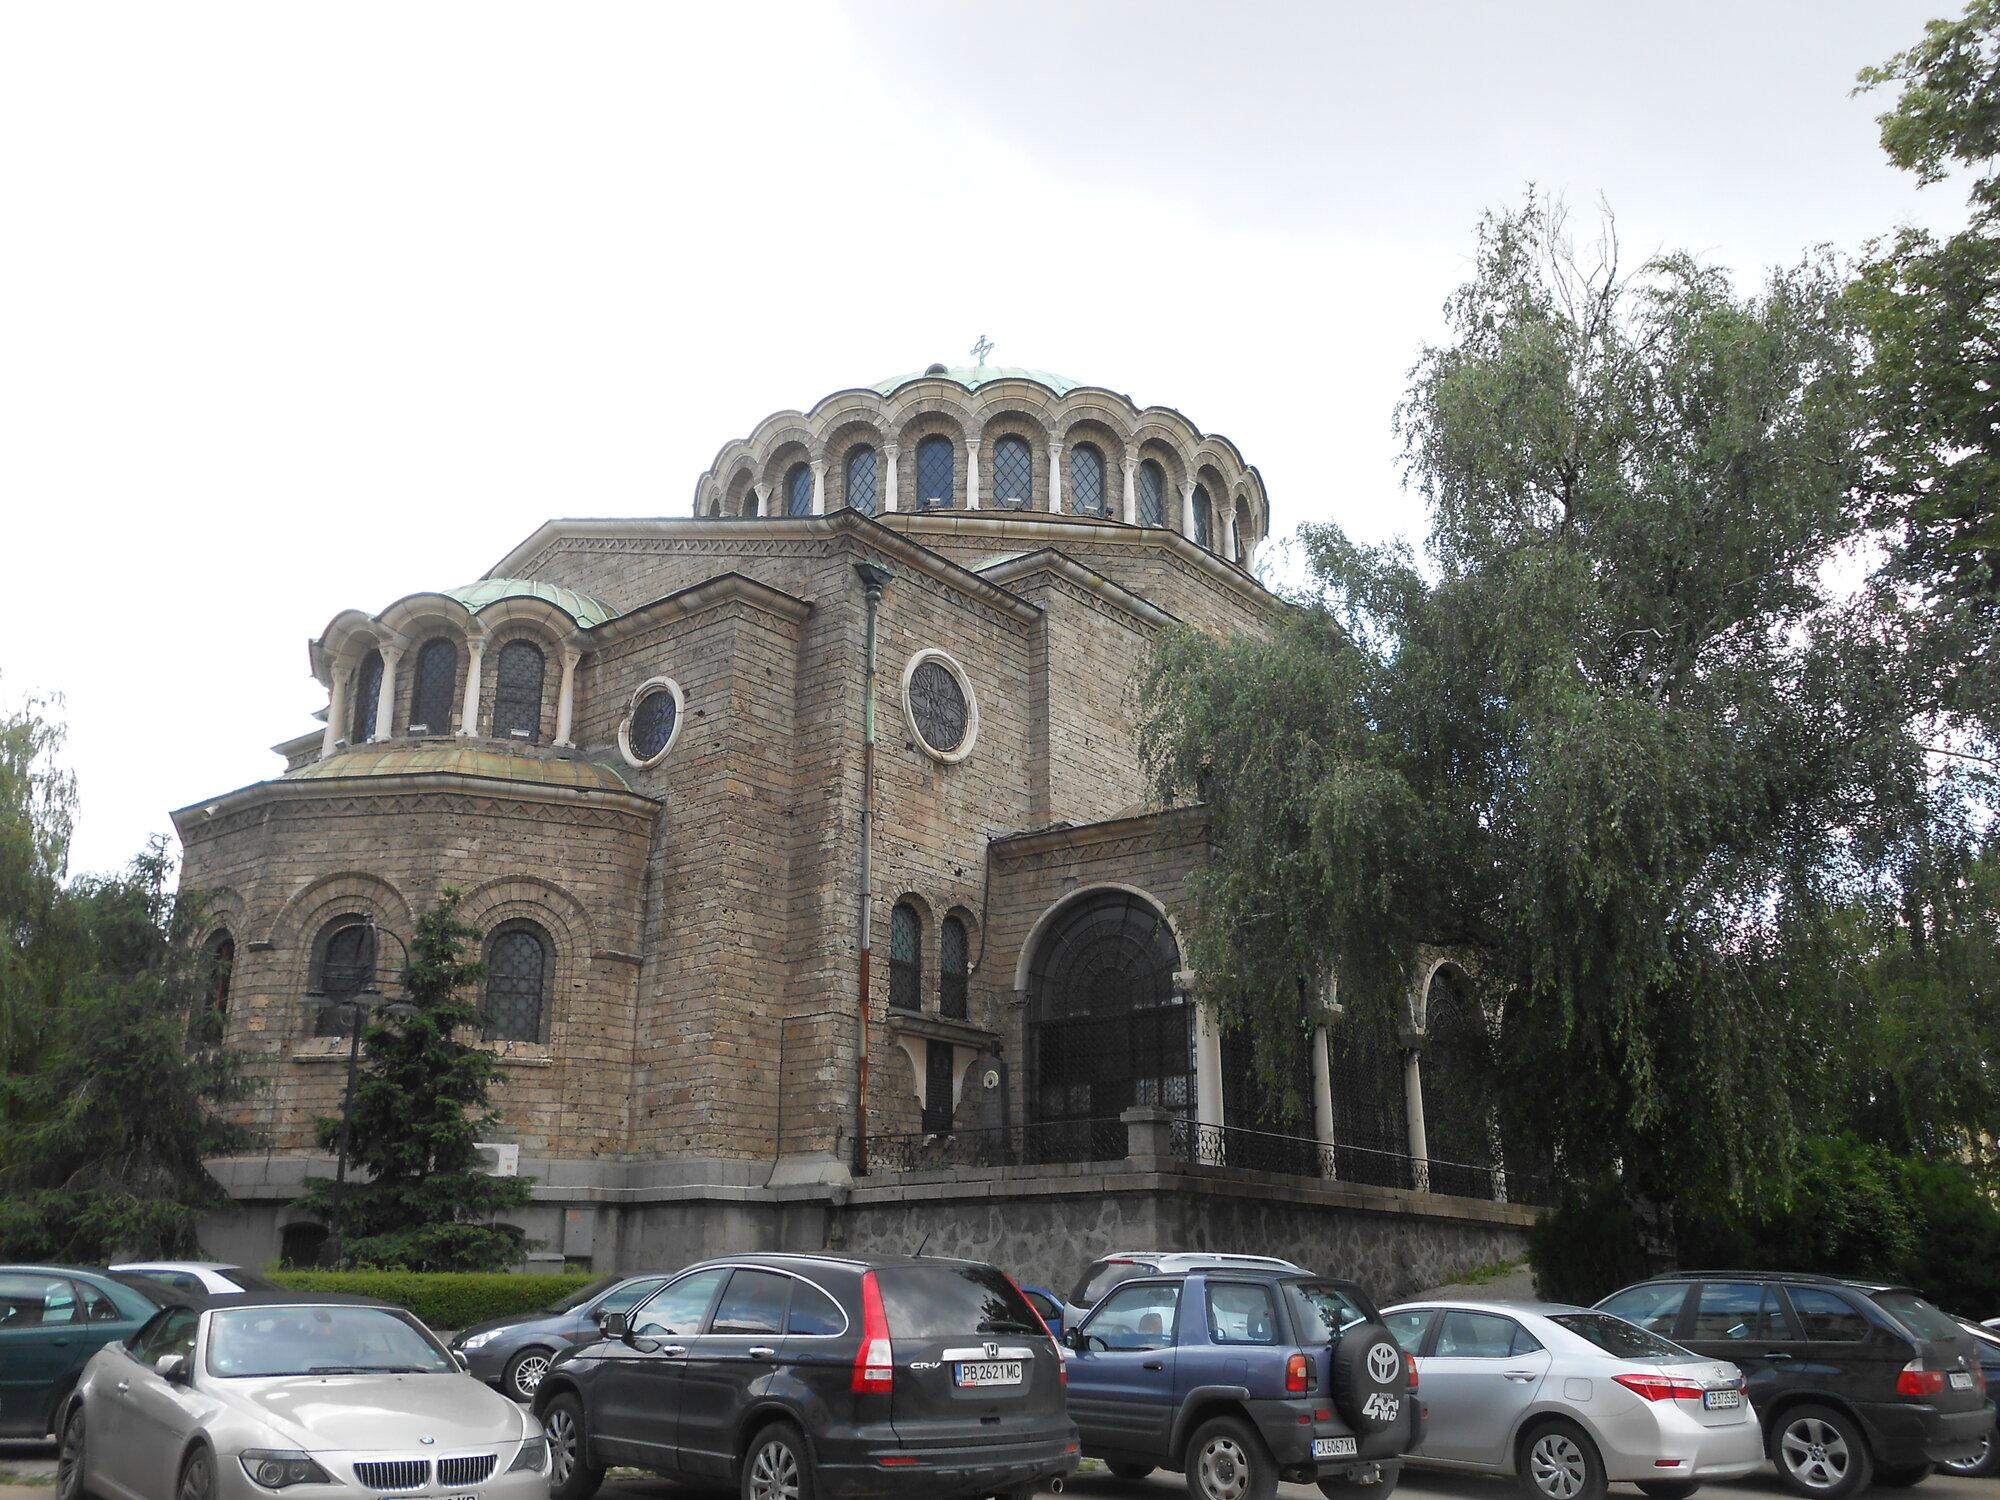 kostel sv. Nedělje